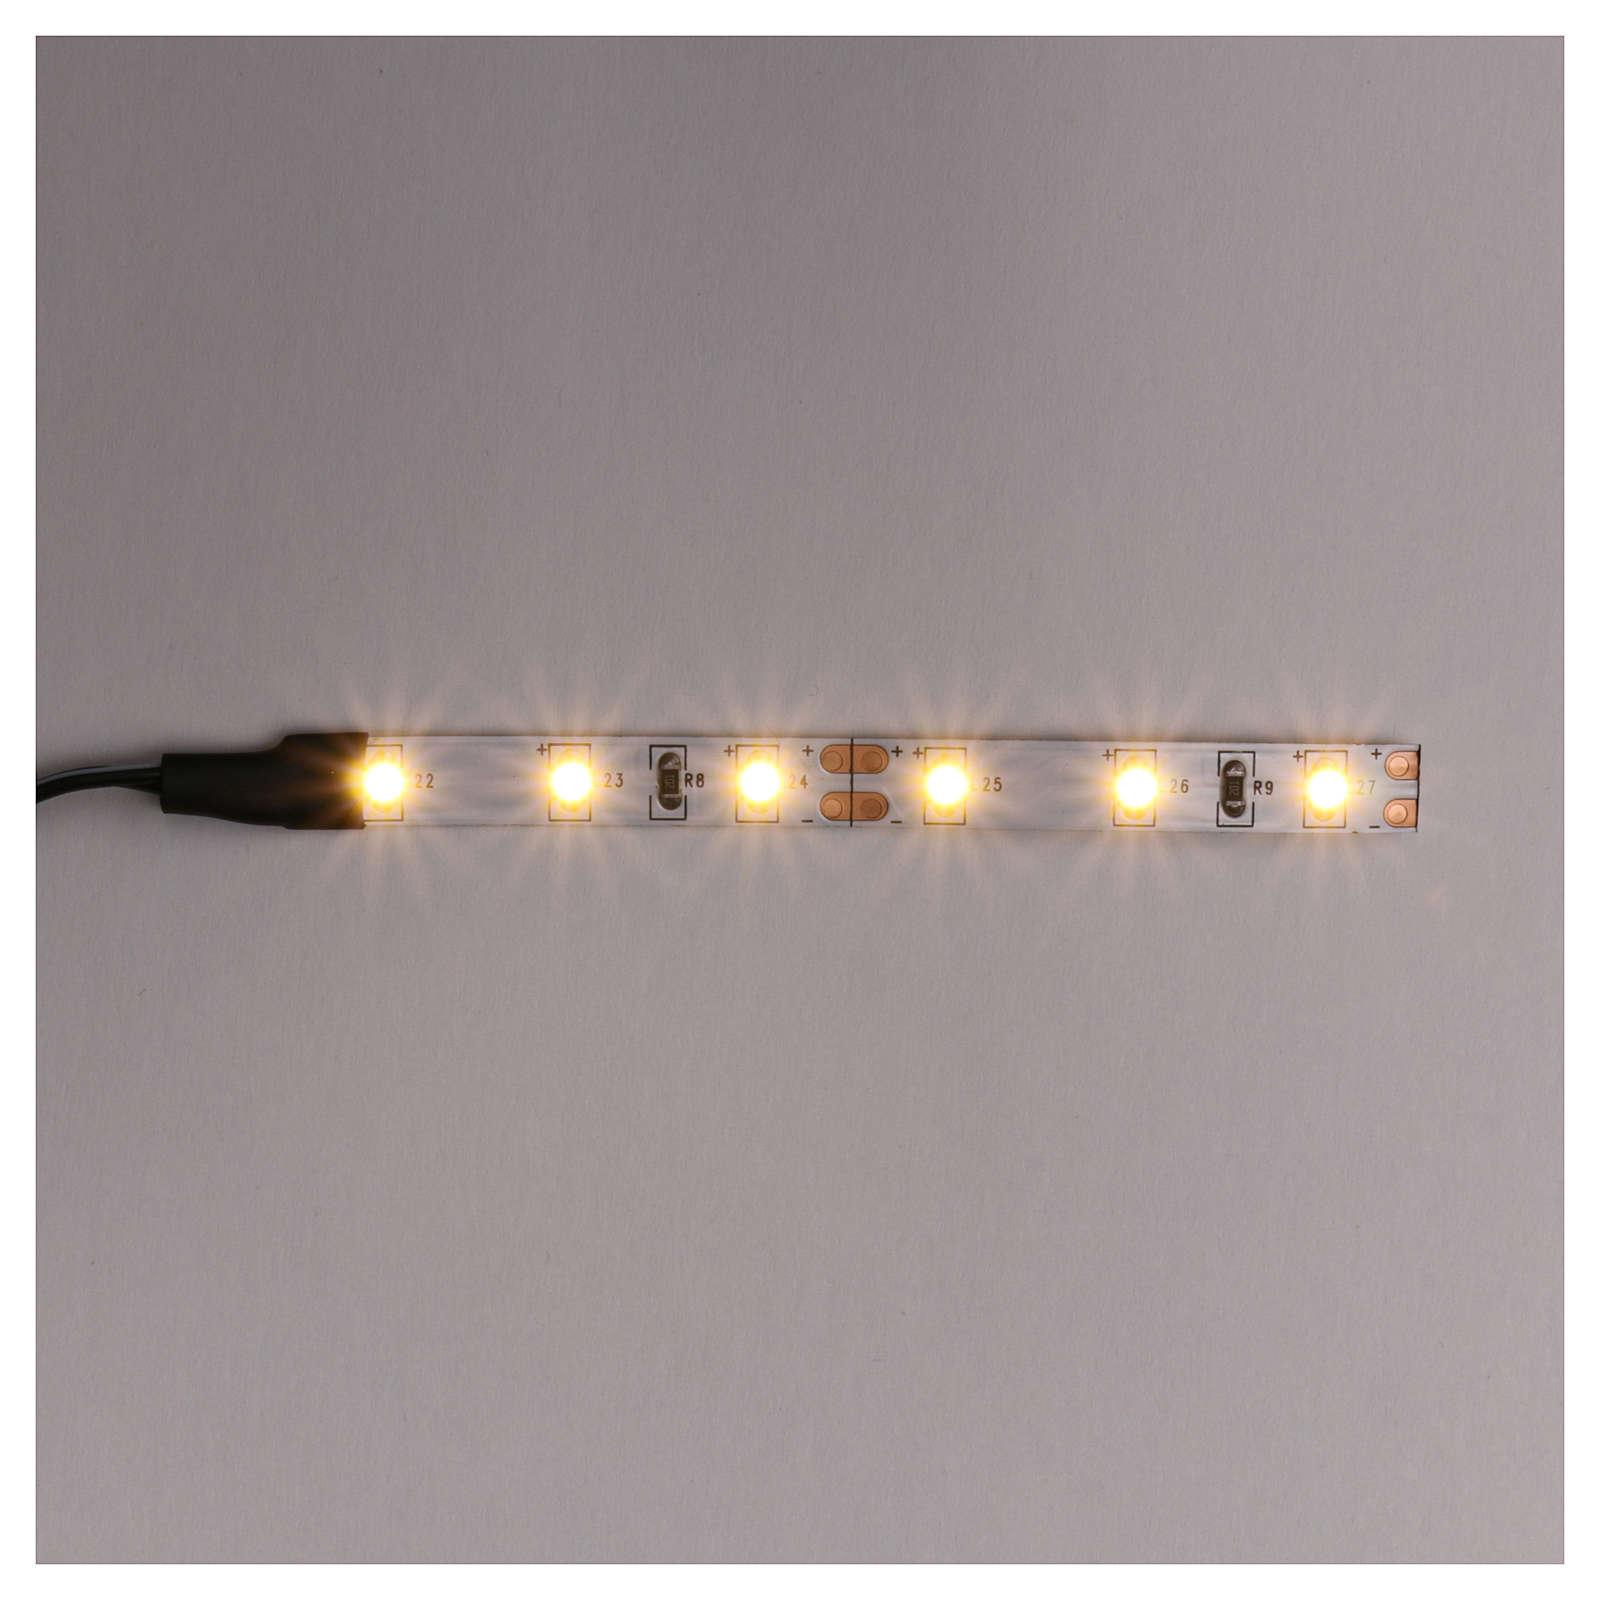 Tira de 6 LED cm. 0.8x8 cm. blanca caliente Frisalight 4